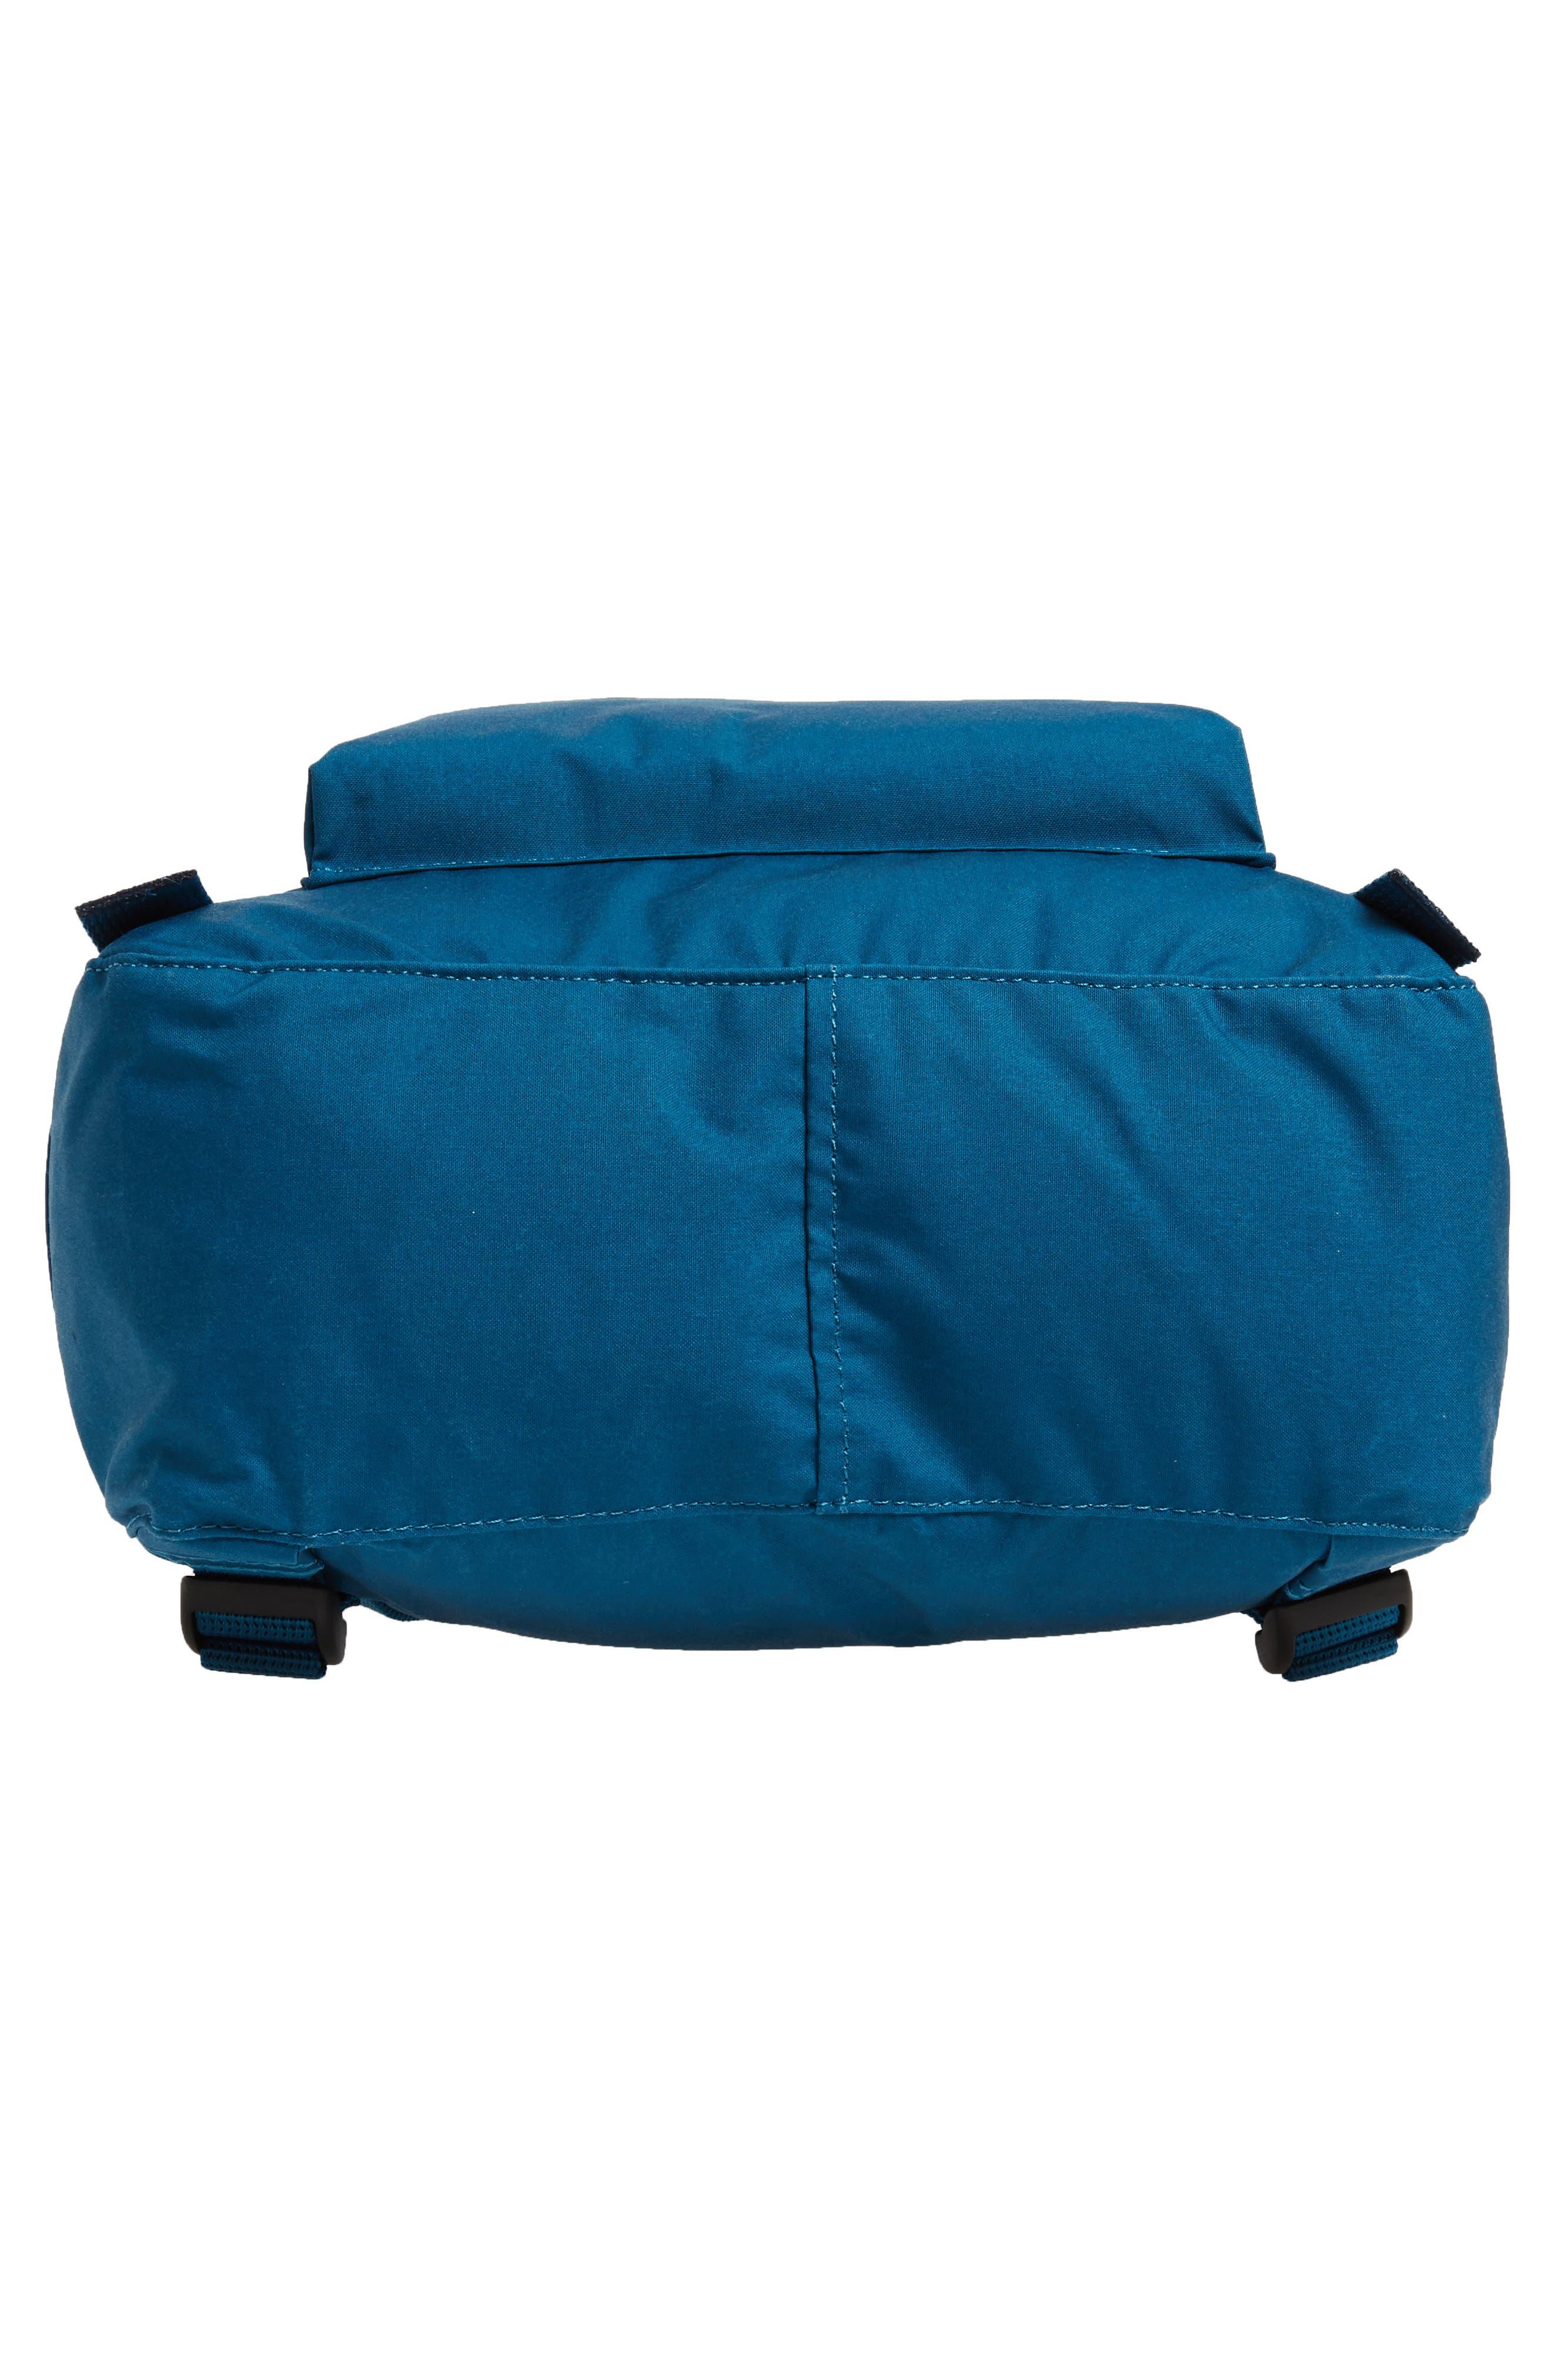 'Kånken' Water Resistant Backpack,                             Alternate thumbnail 6, color,                             GLACIER GREEN